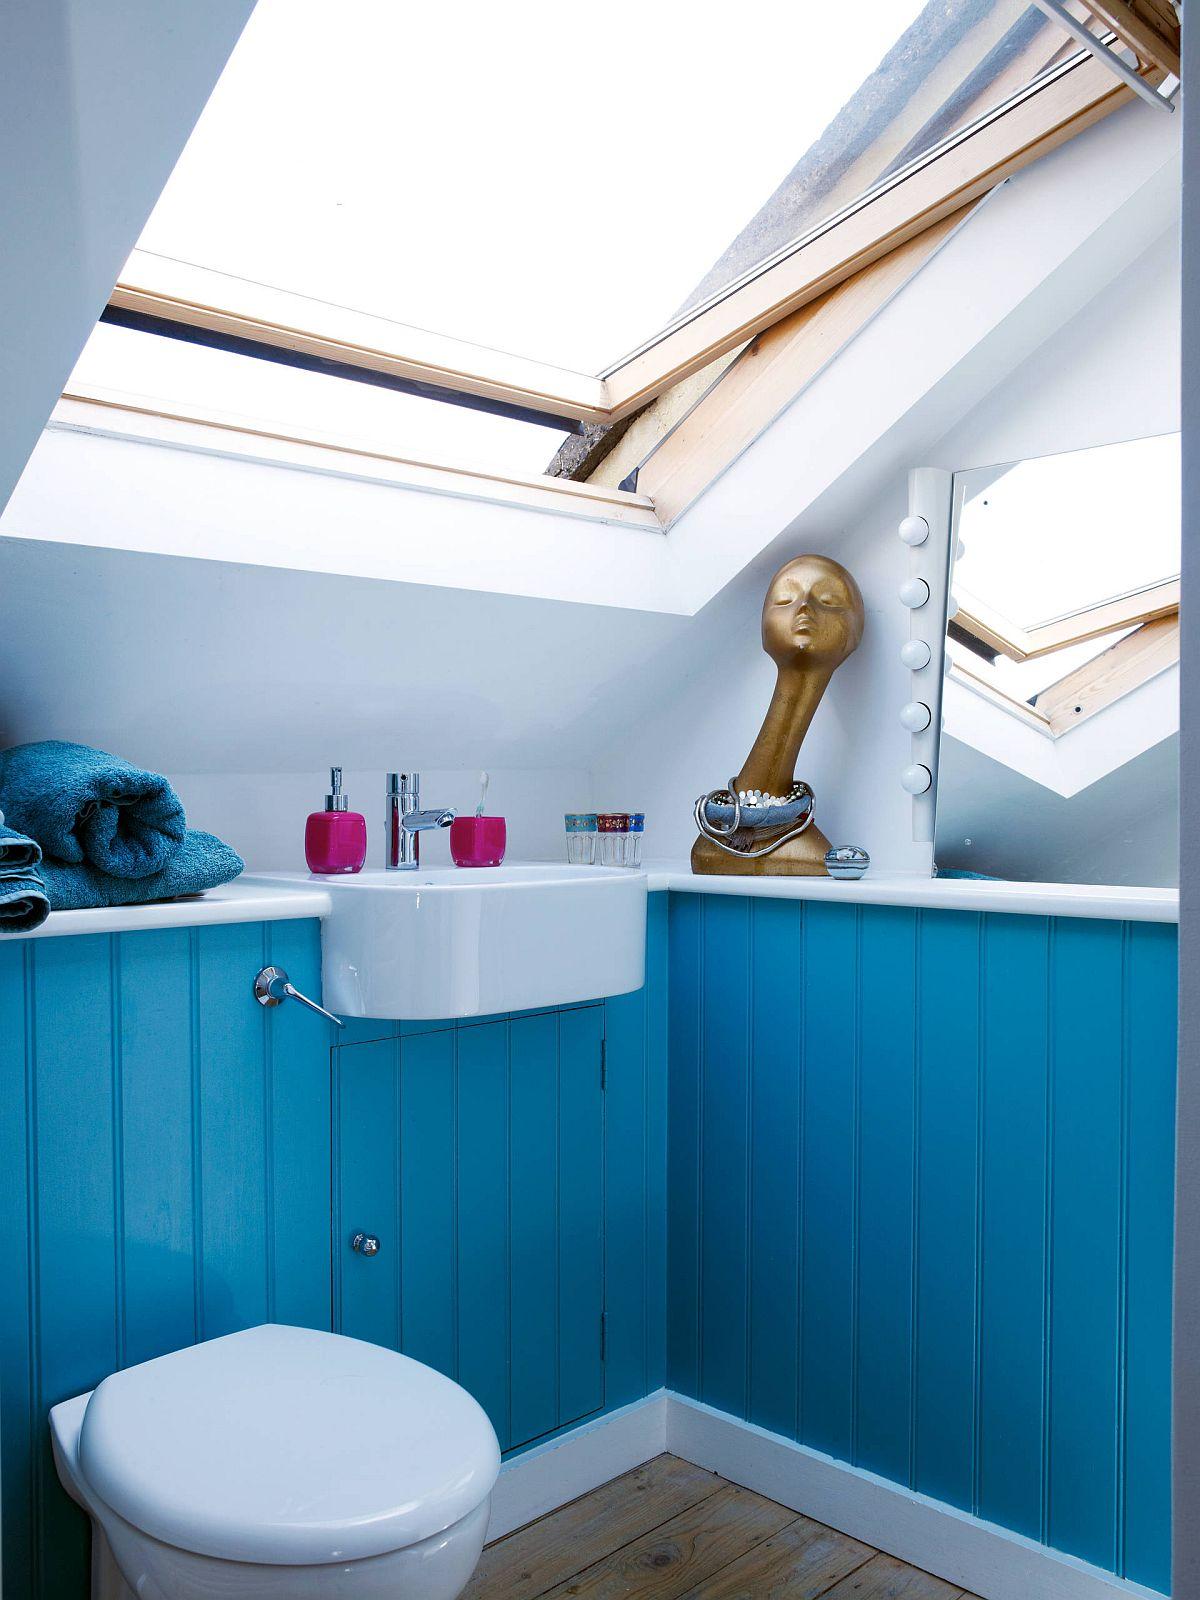 """Decor phòng tắm mùa hè """"mát lịm"""" với tông màu trắng - xanh - Ảnh 5."""